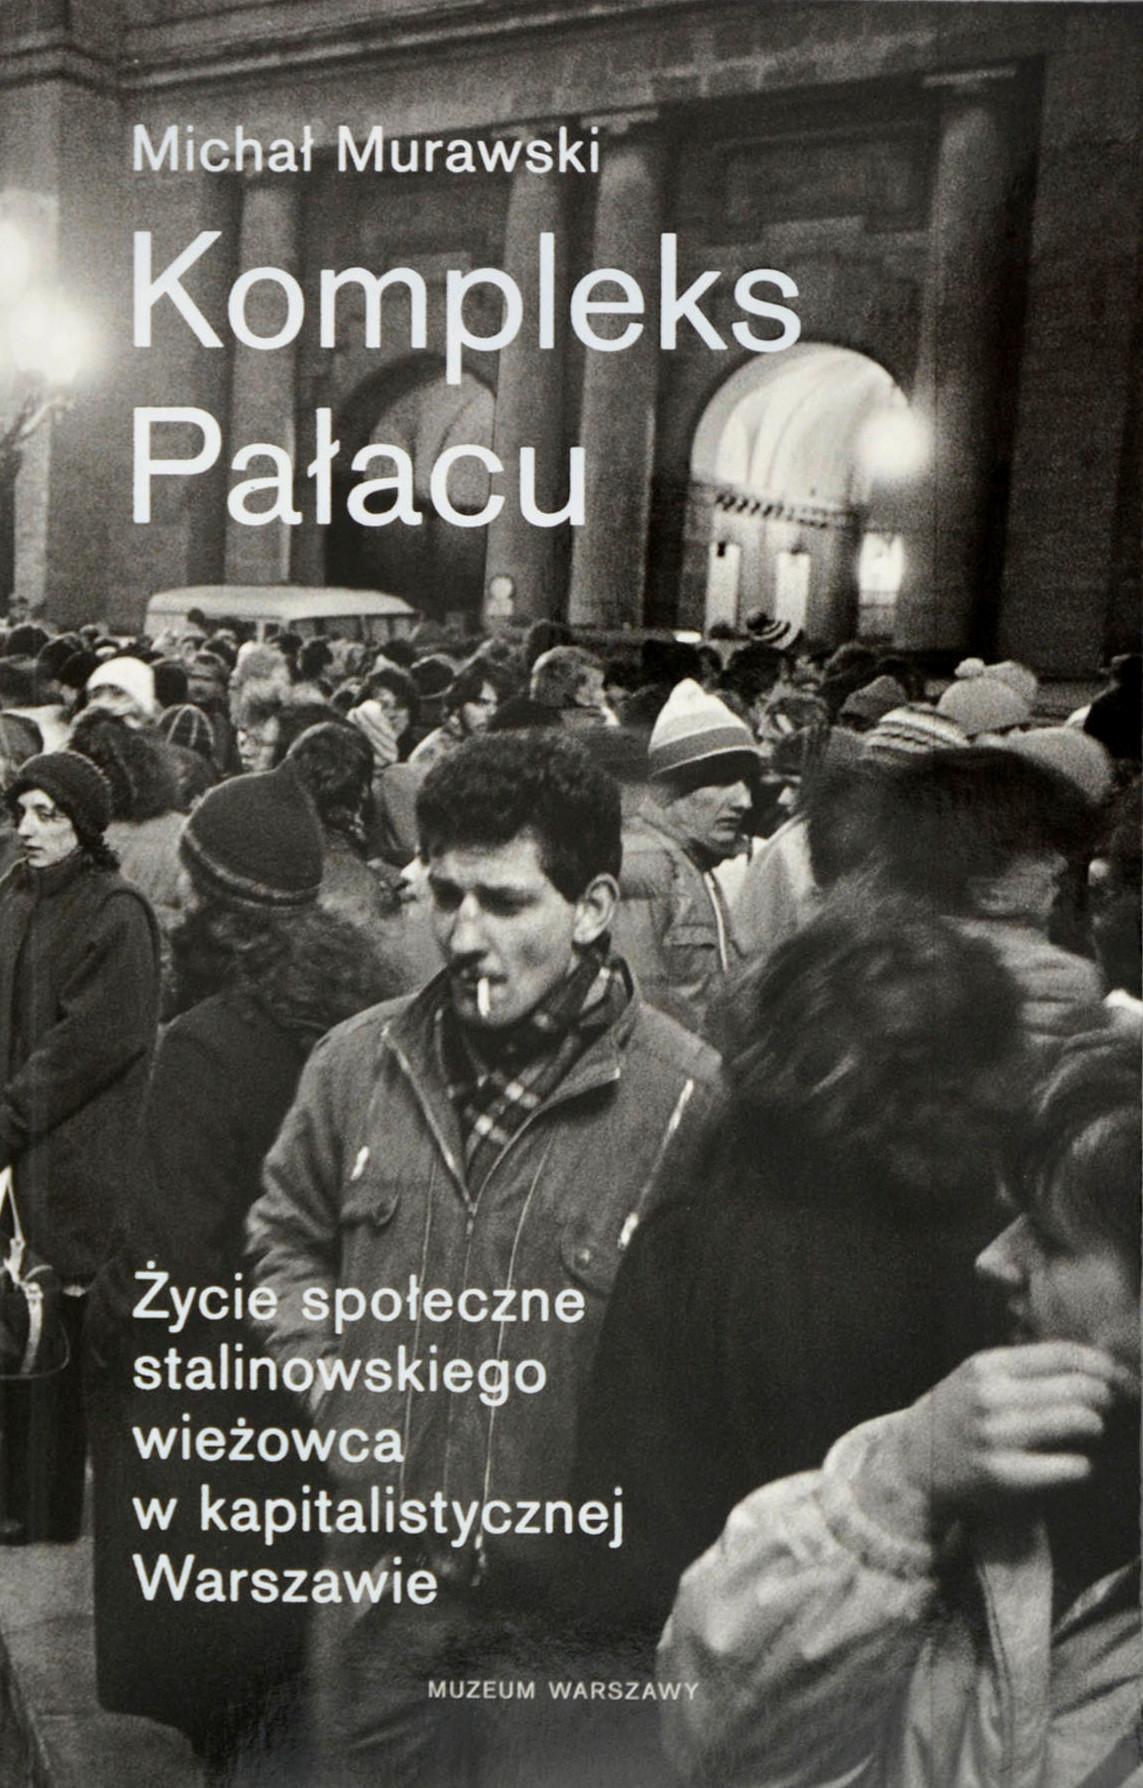 Kompleks Pałacu Życie społeczne stalinowskiego wieżowca w kapitalistycznej Warszawie (M.Murawski)